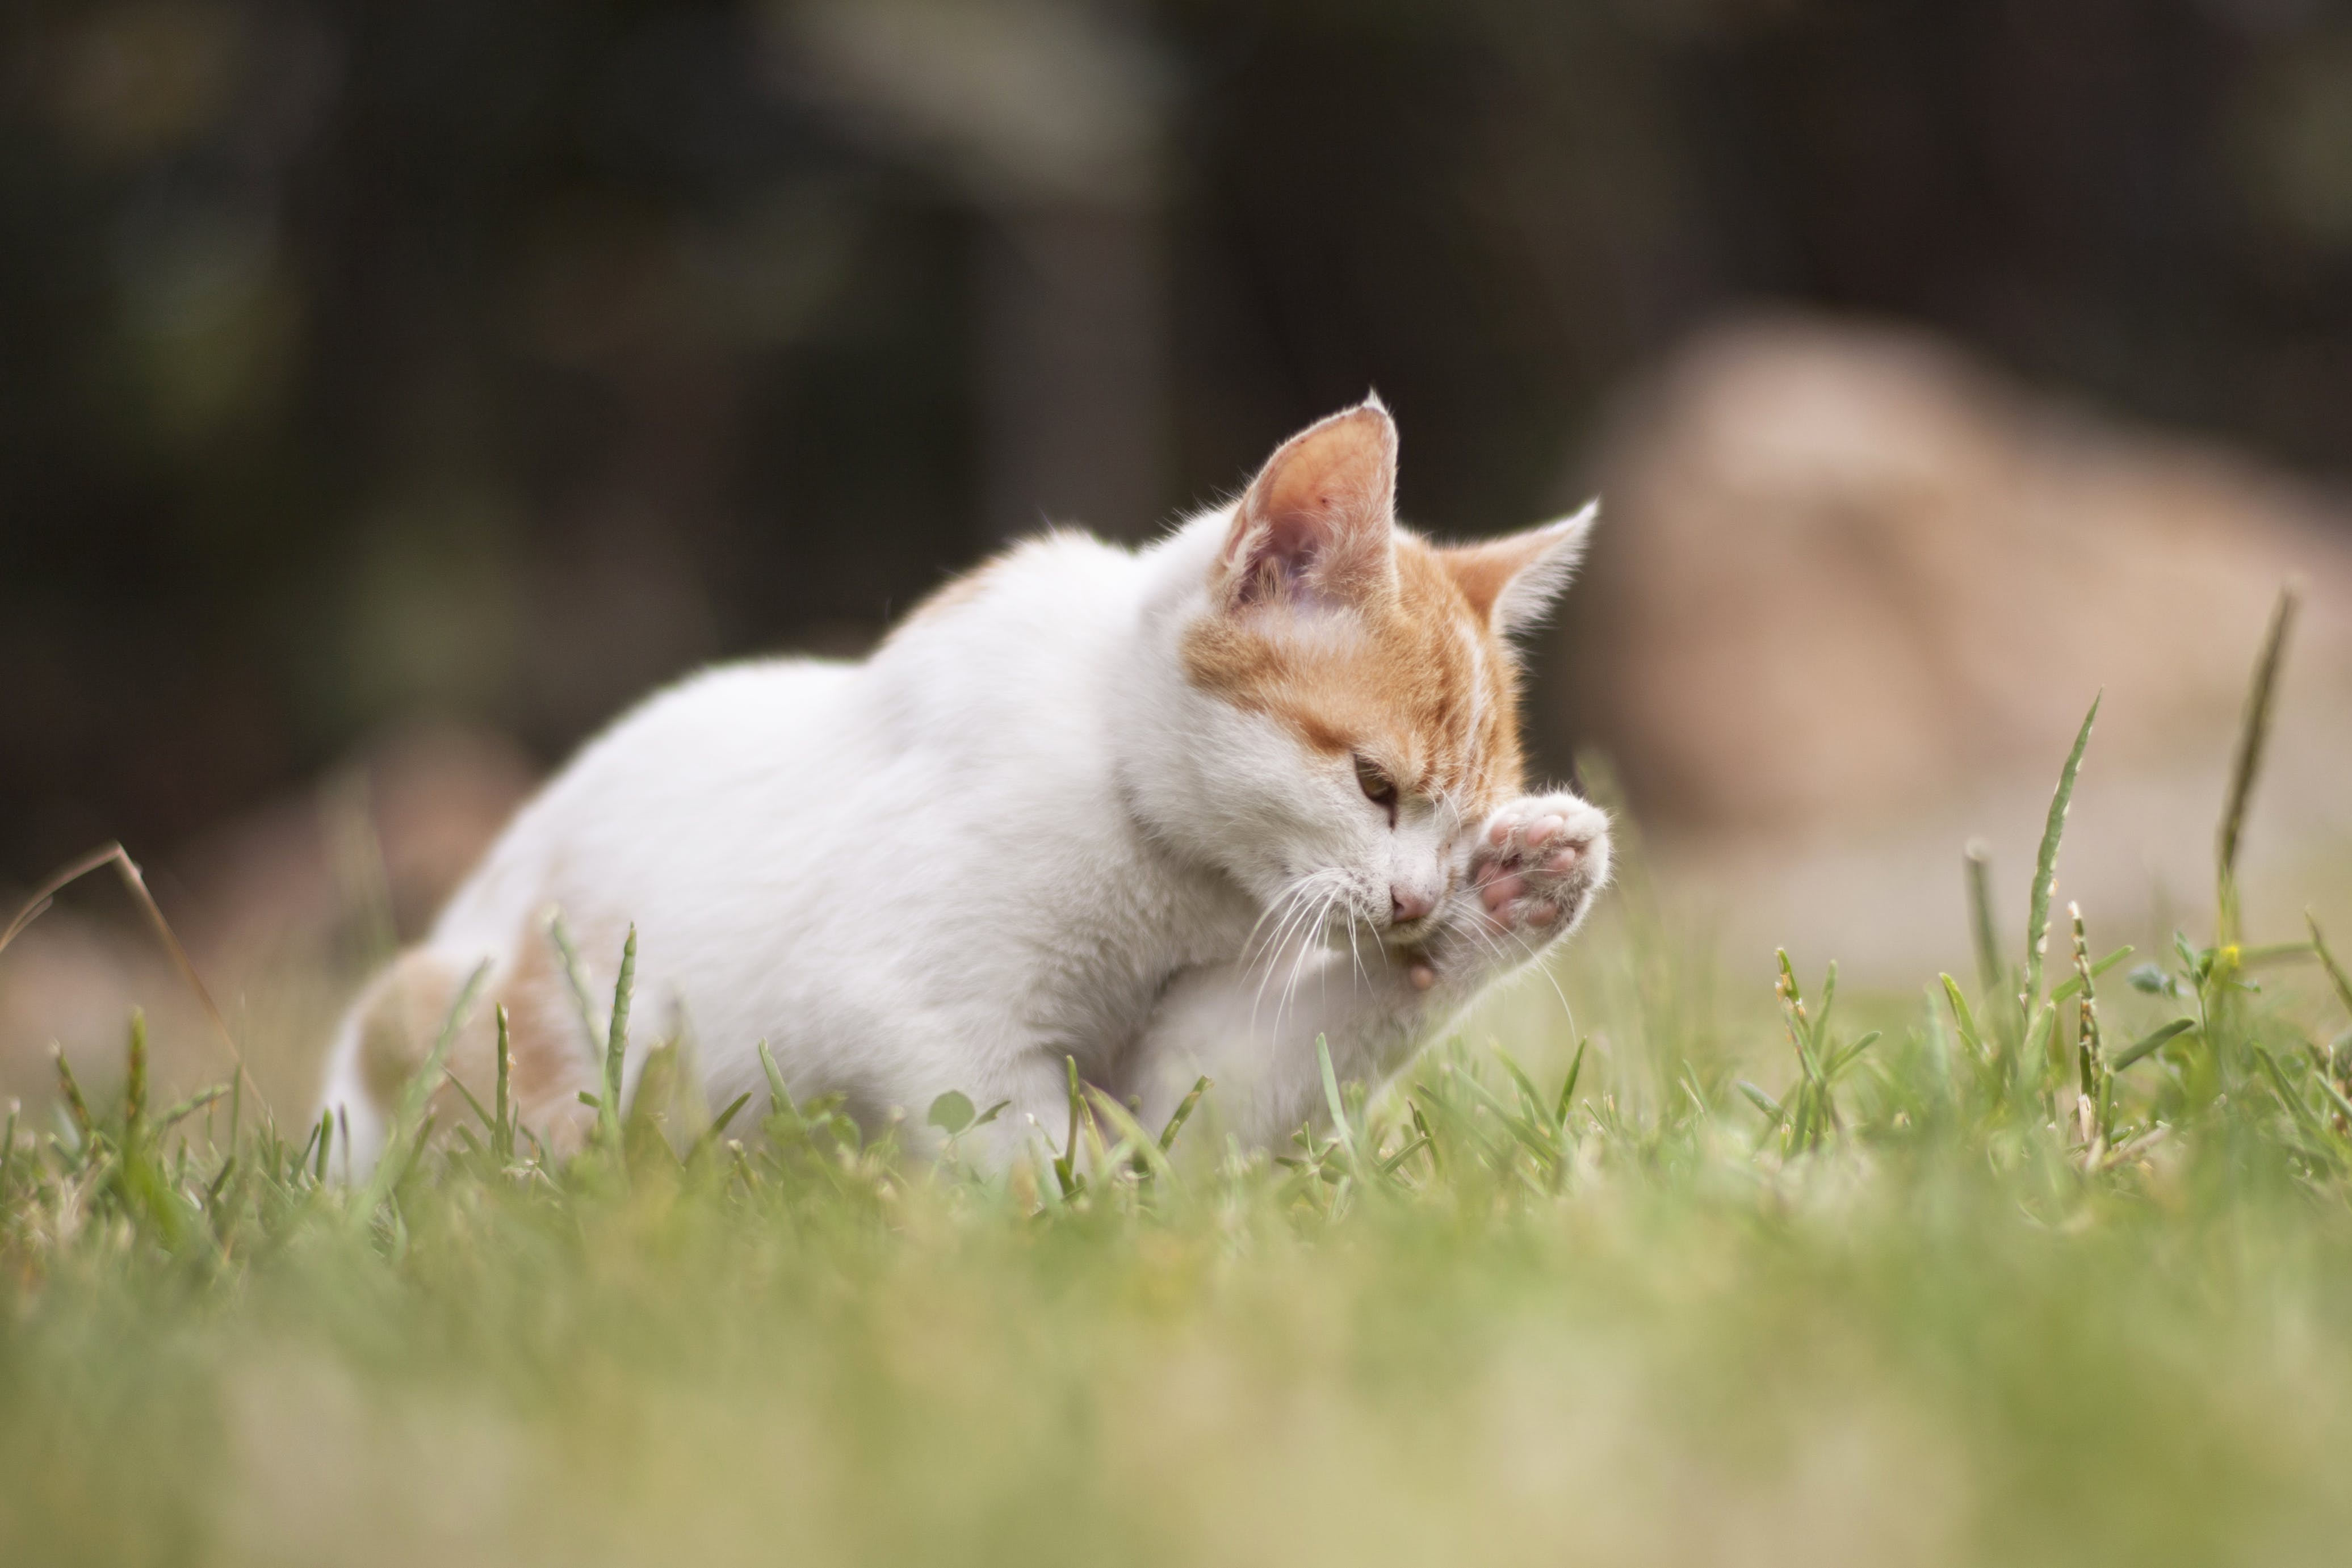 かわいらしい, キティ, ネコ, ペットの無料の写真素材